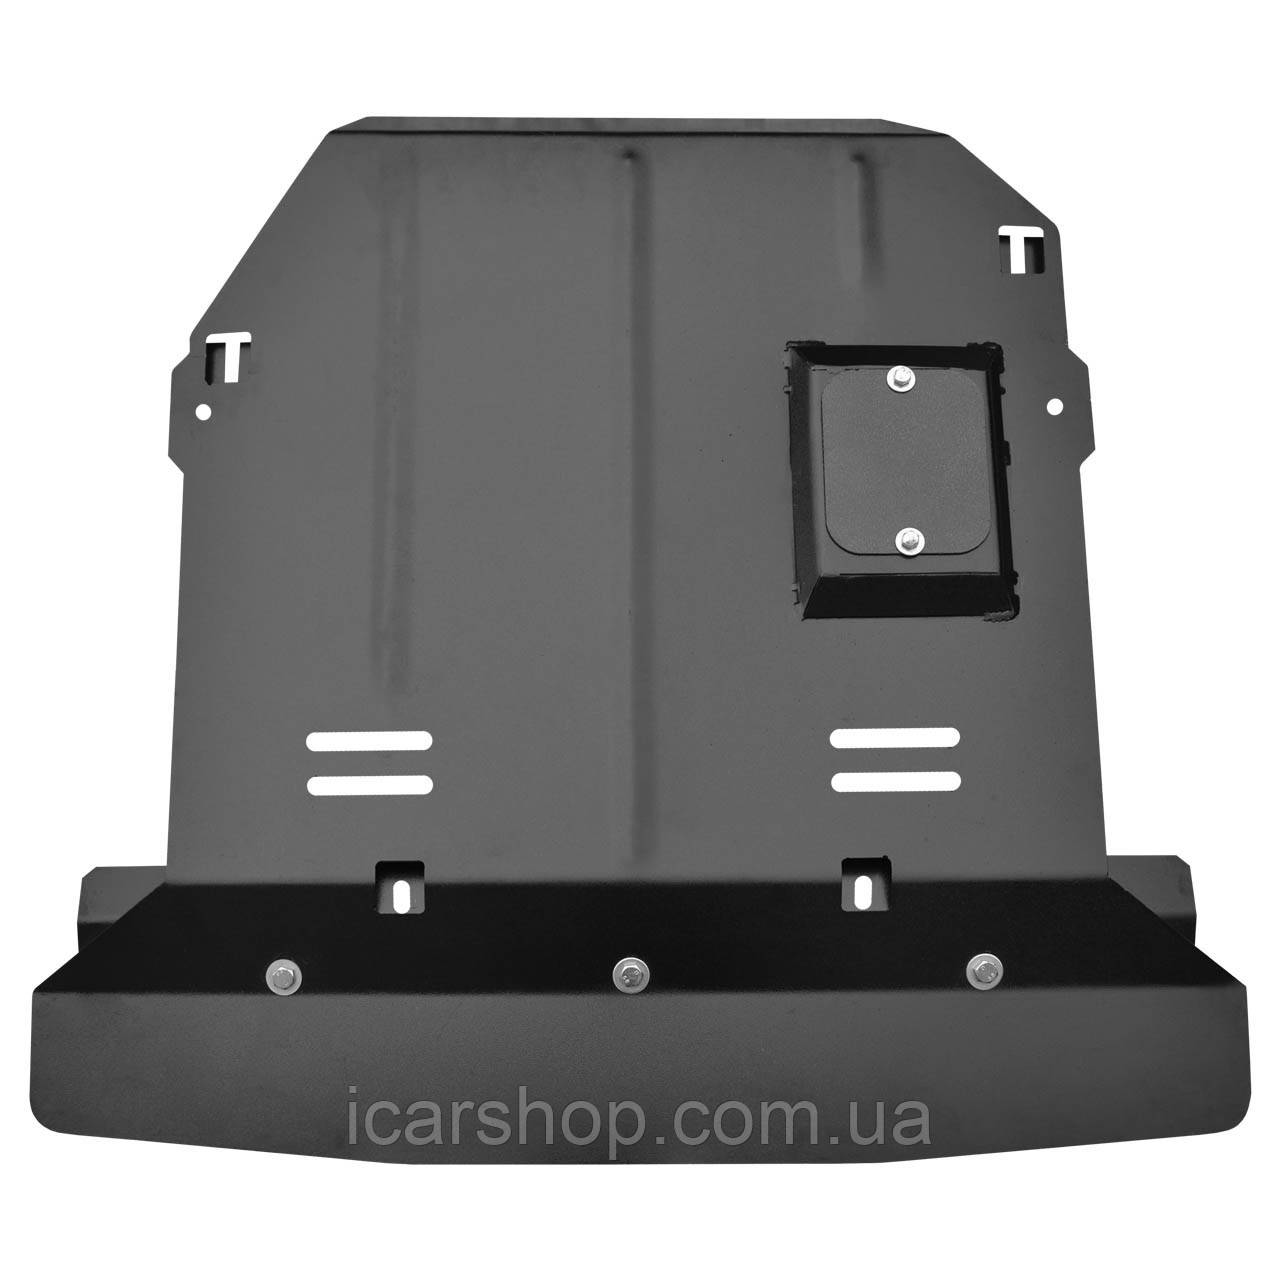 Защита Двигателя / КПП / Радиатора Mercedes Vito I 96-00 / V-Klasse (2,3 TDI) Titan